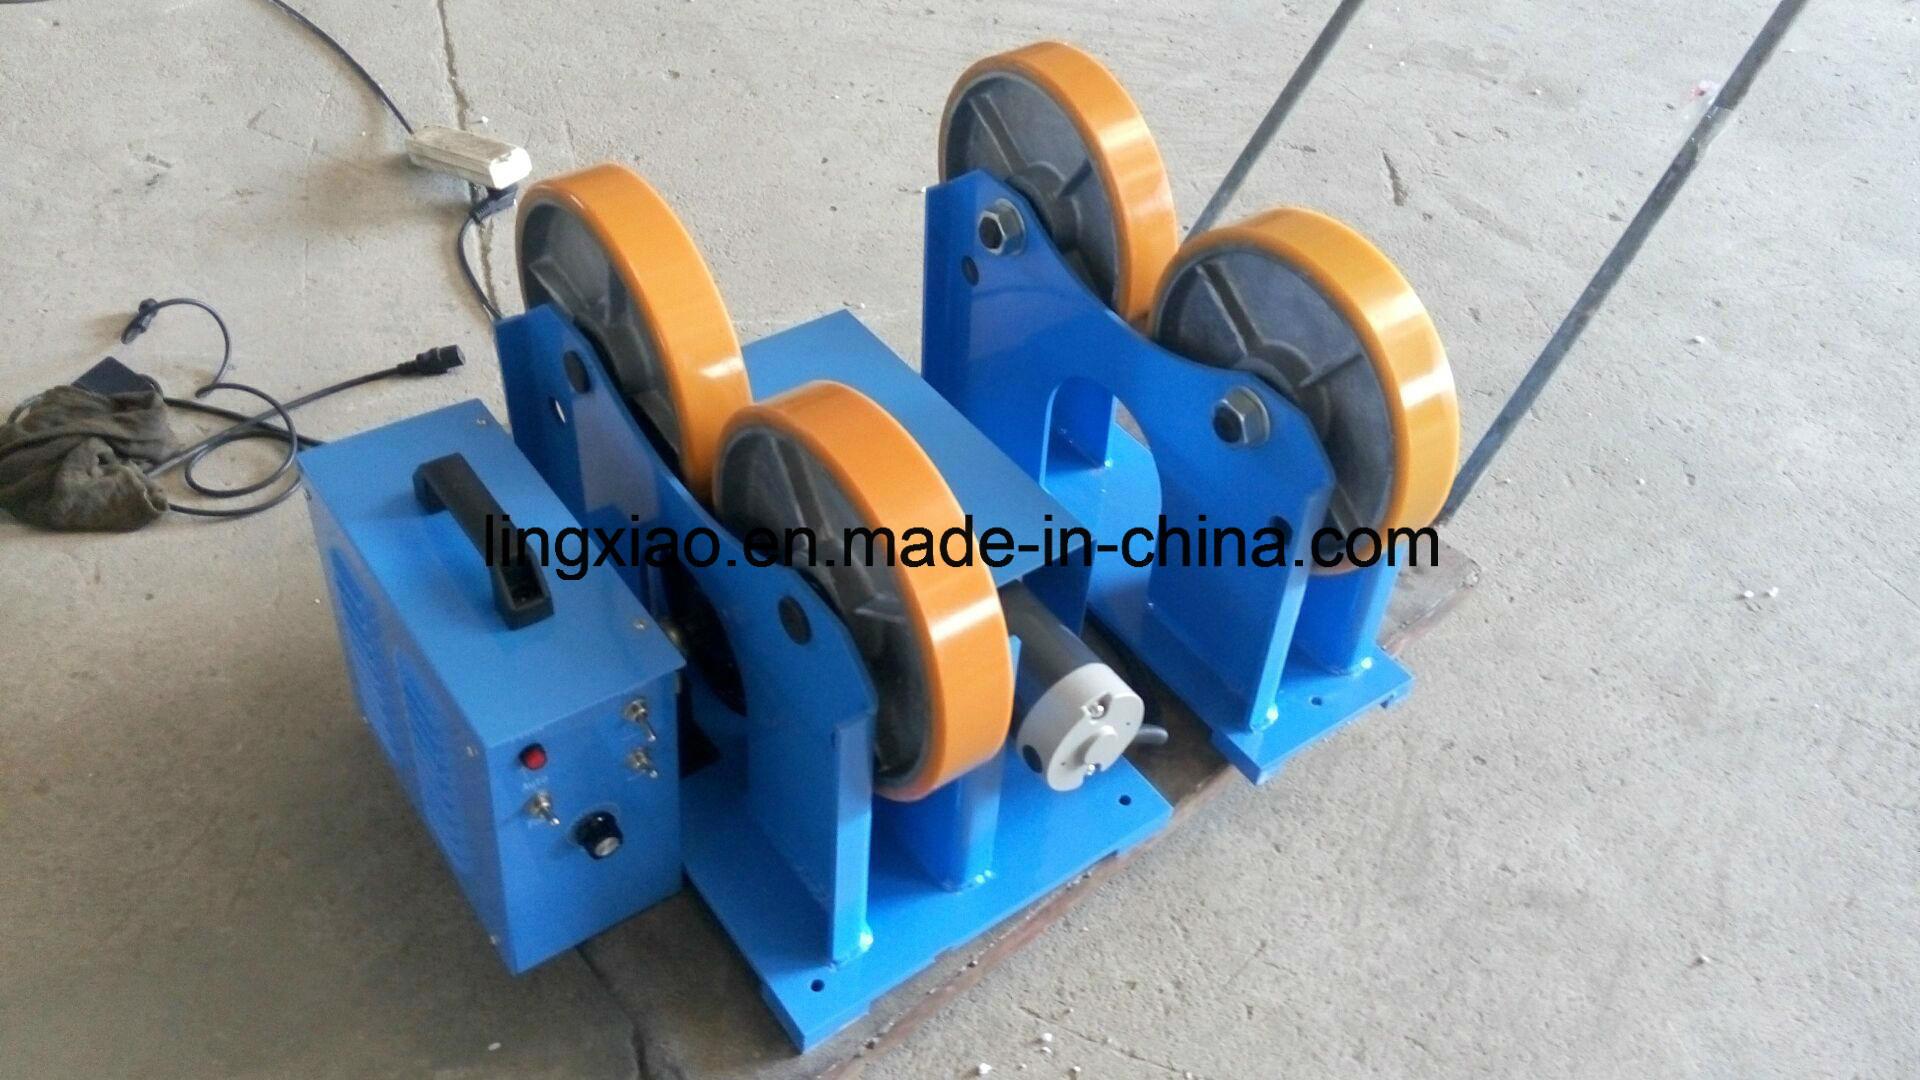 Ce Certified Welding Roller for Circular Welding